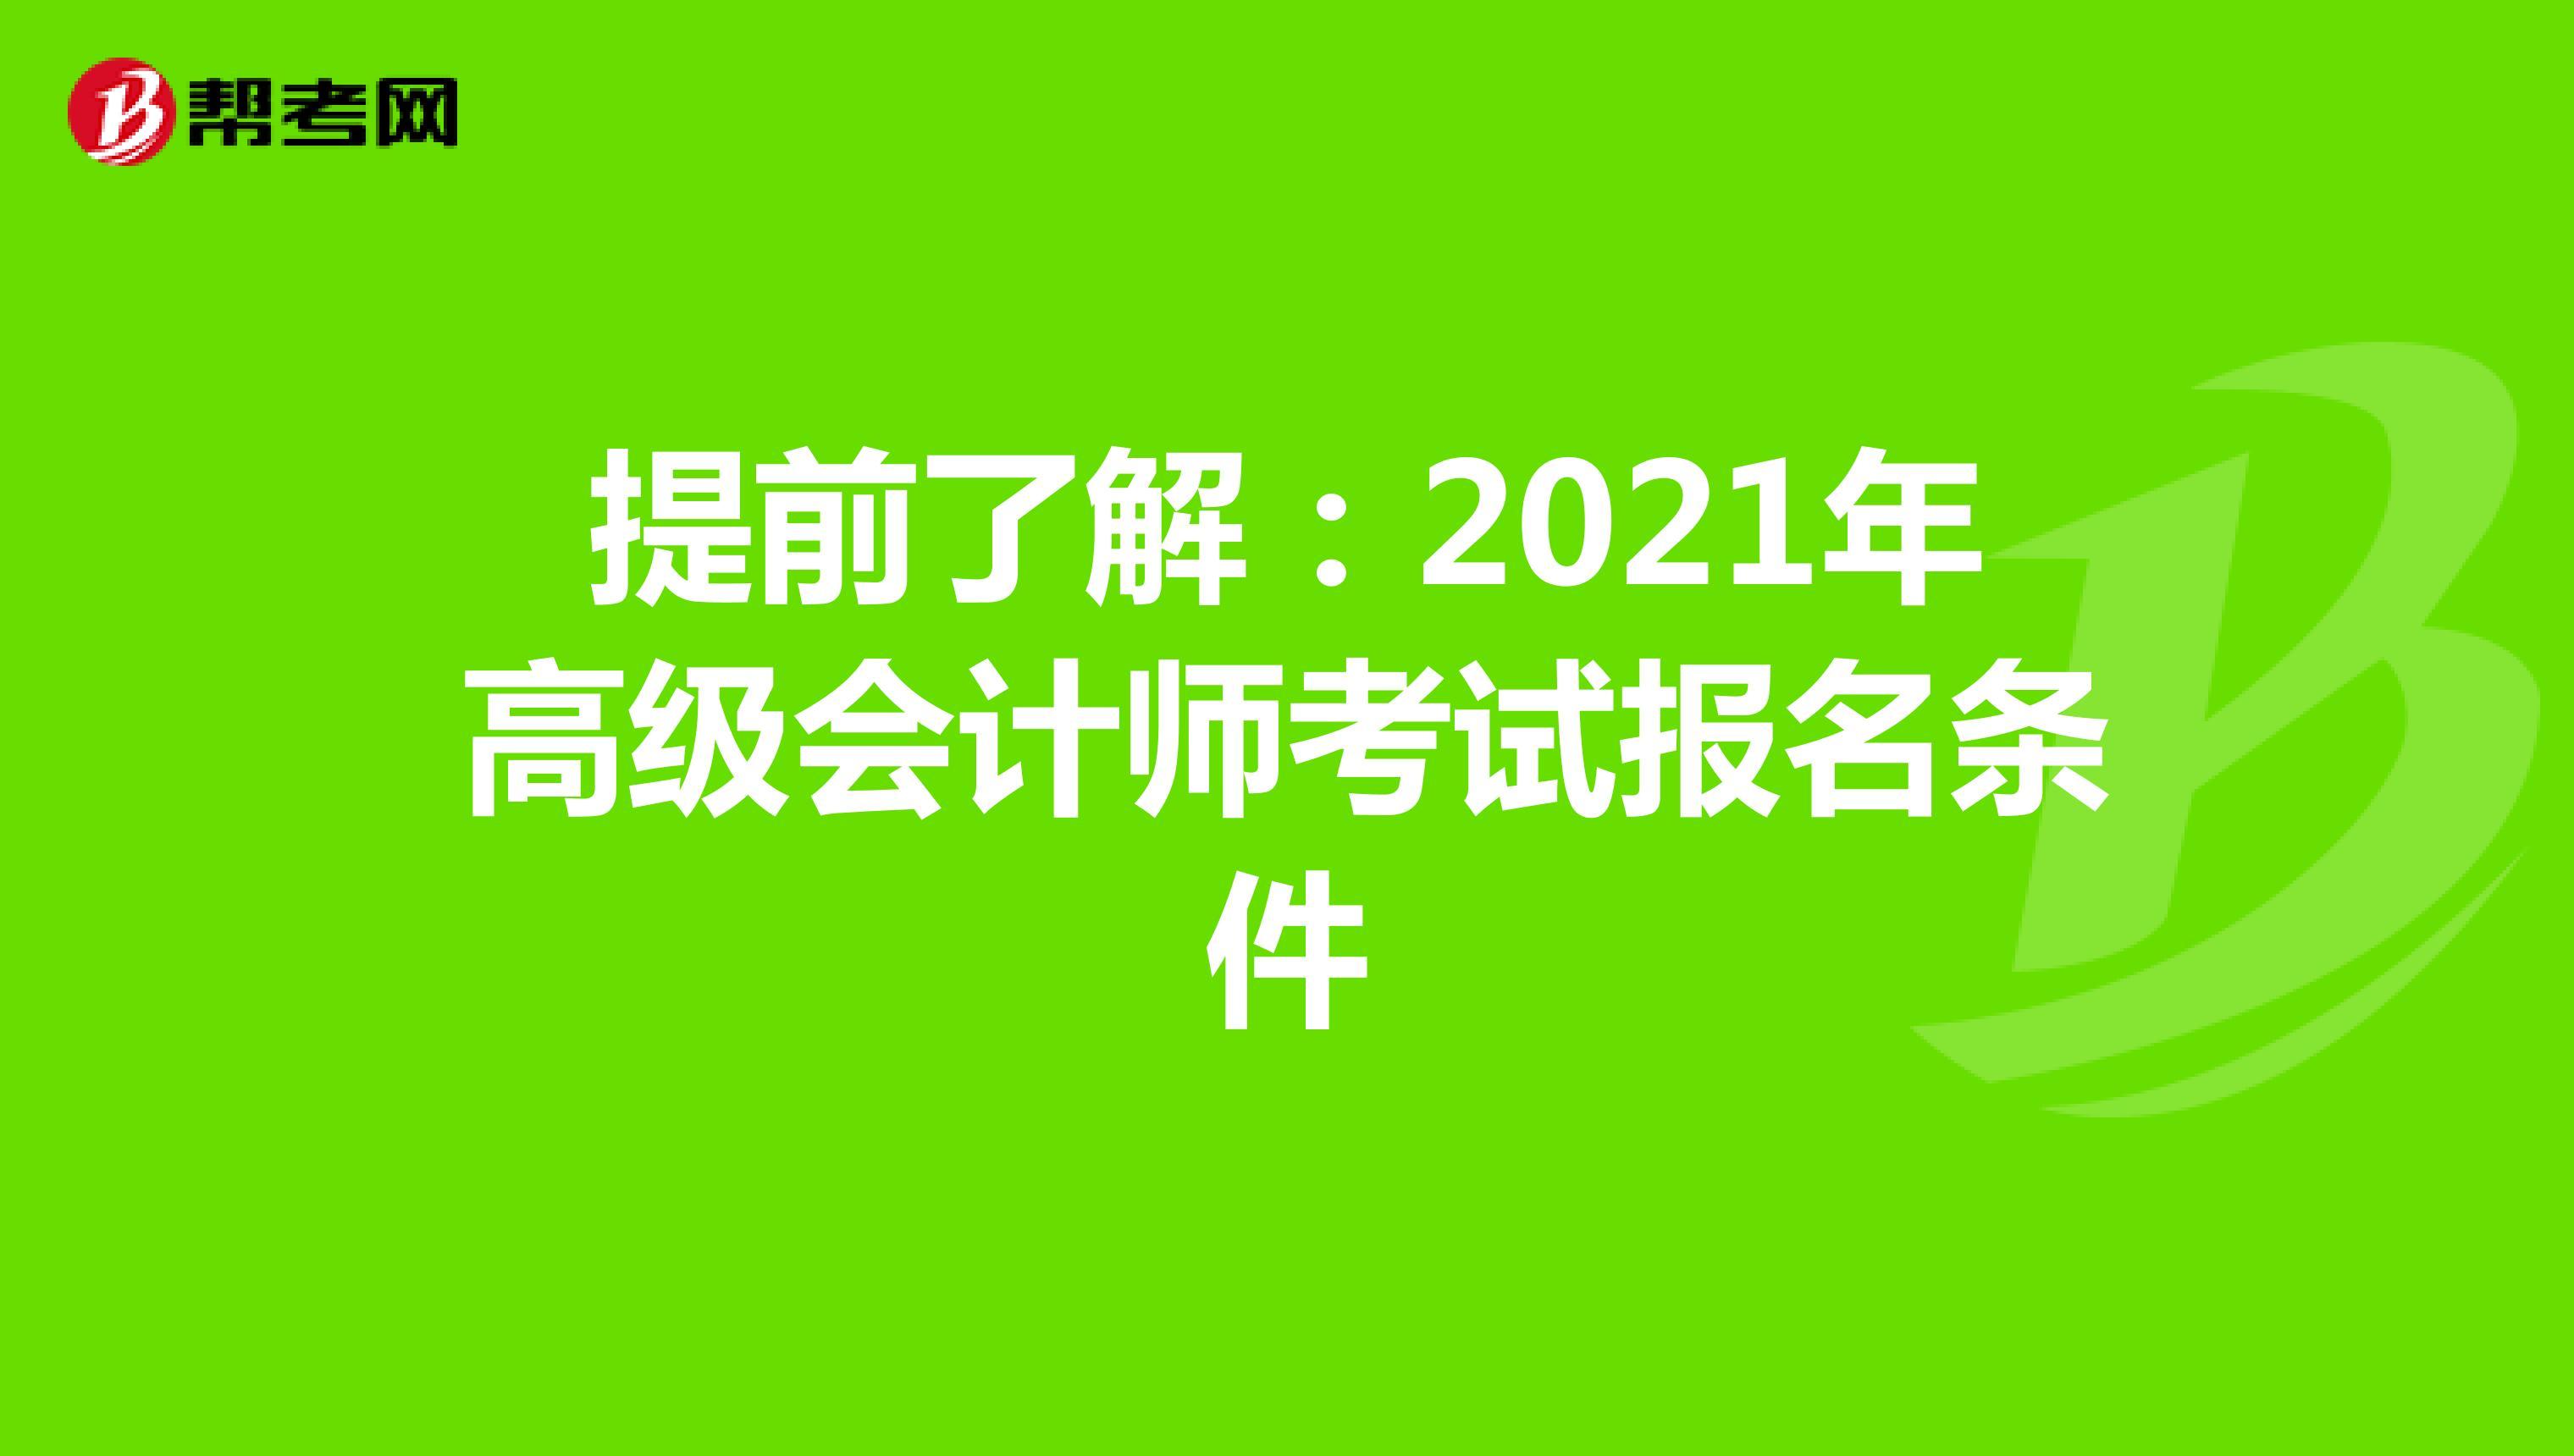 提前了解:2021年高级会计师考试报名条件